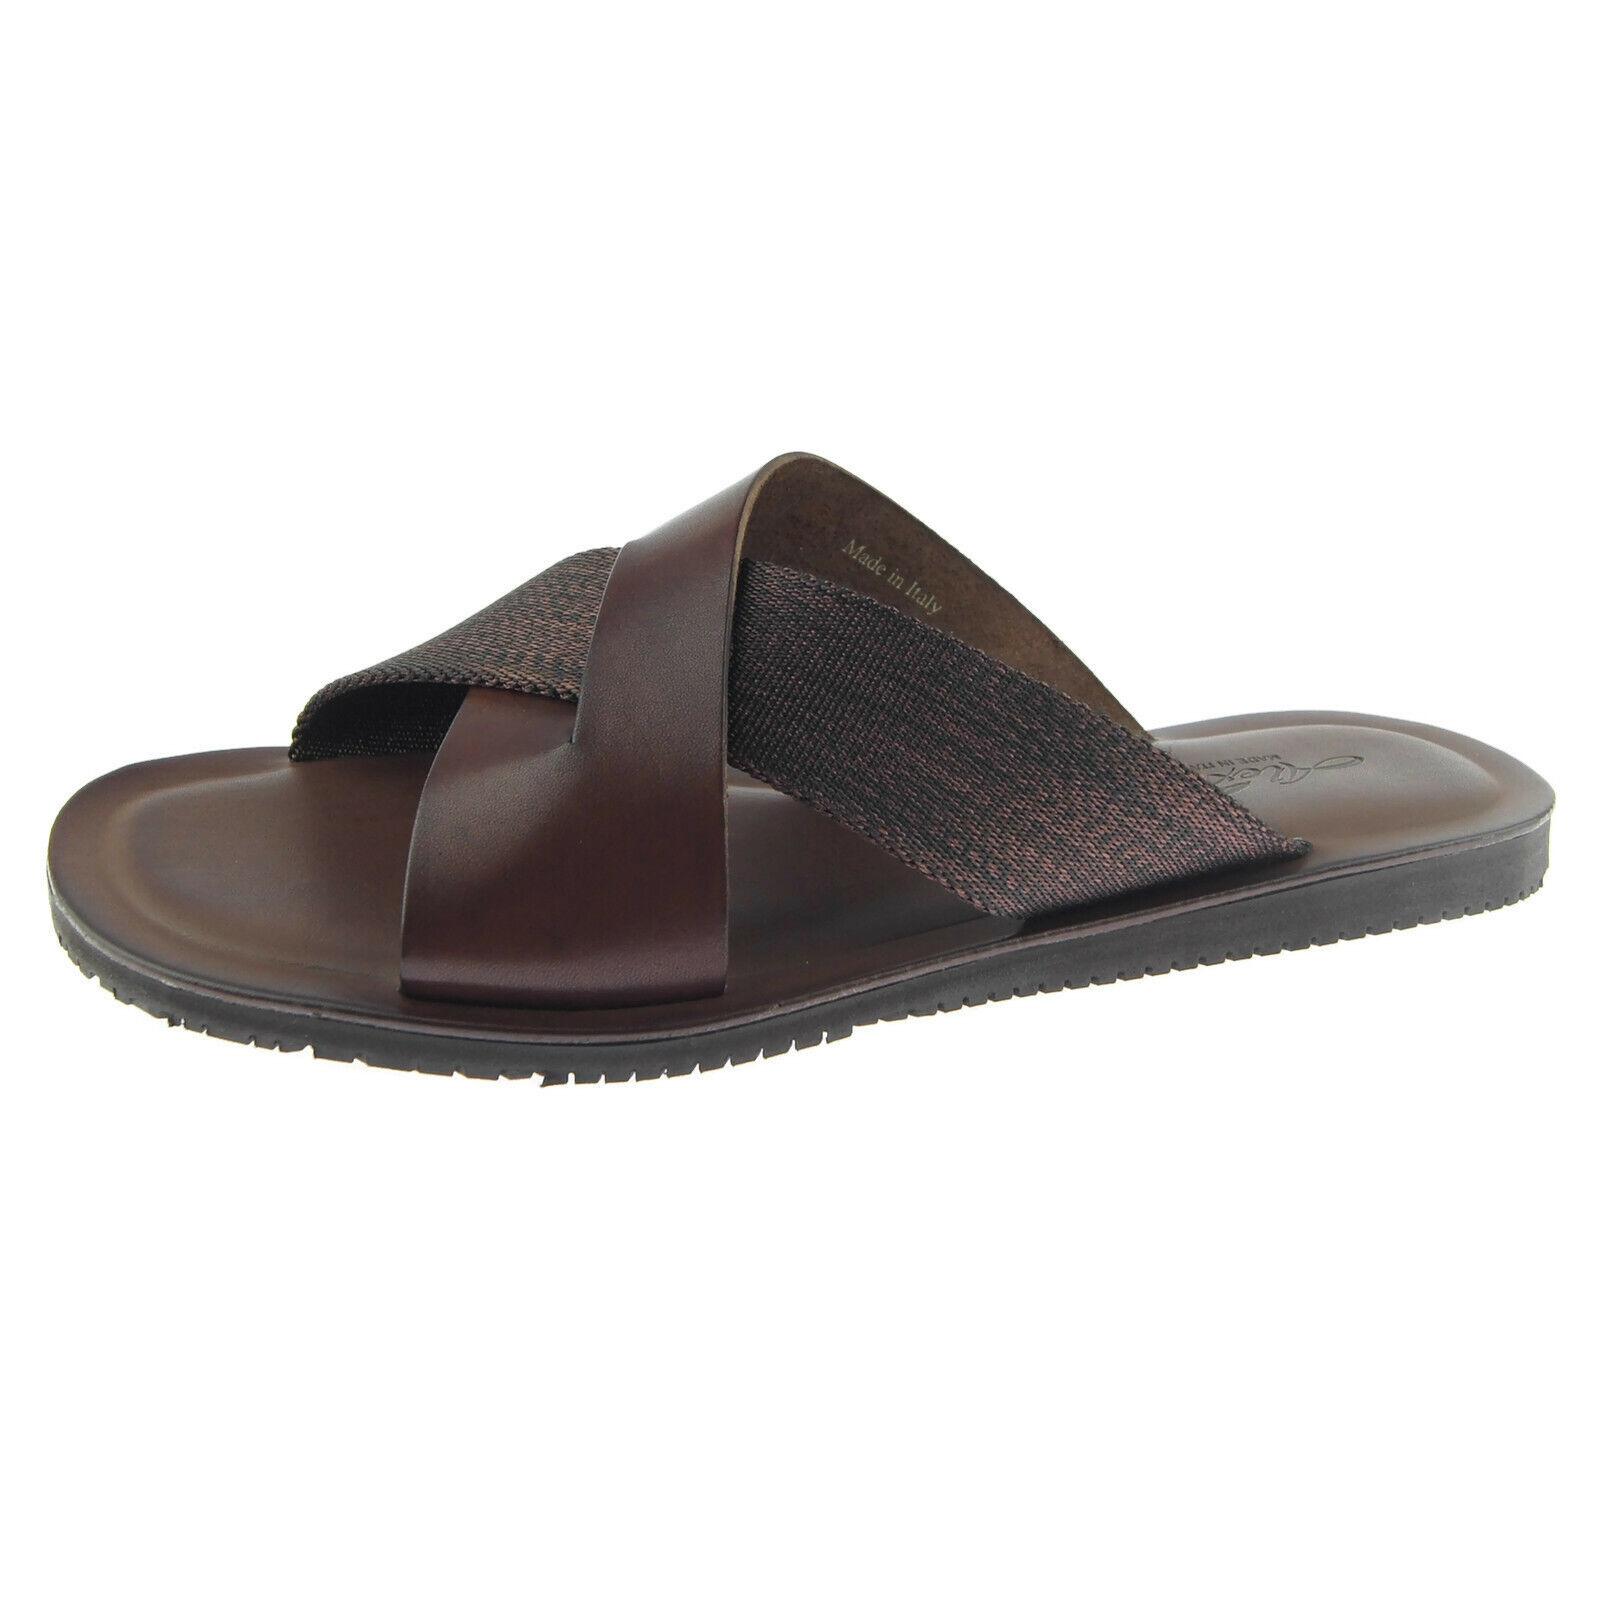 Alex D  Malibu  homme en cuir Slide Sandales, fabriqué en Italie, marron